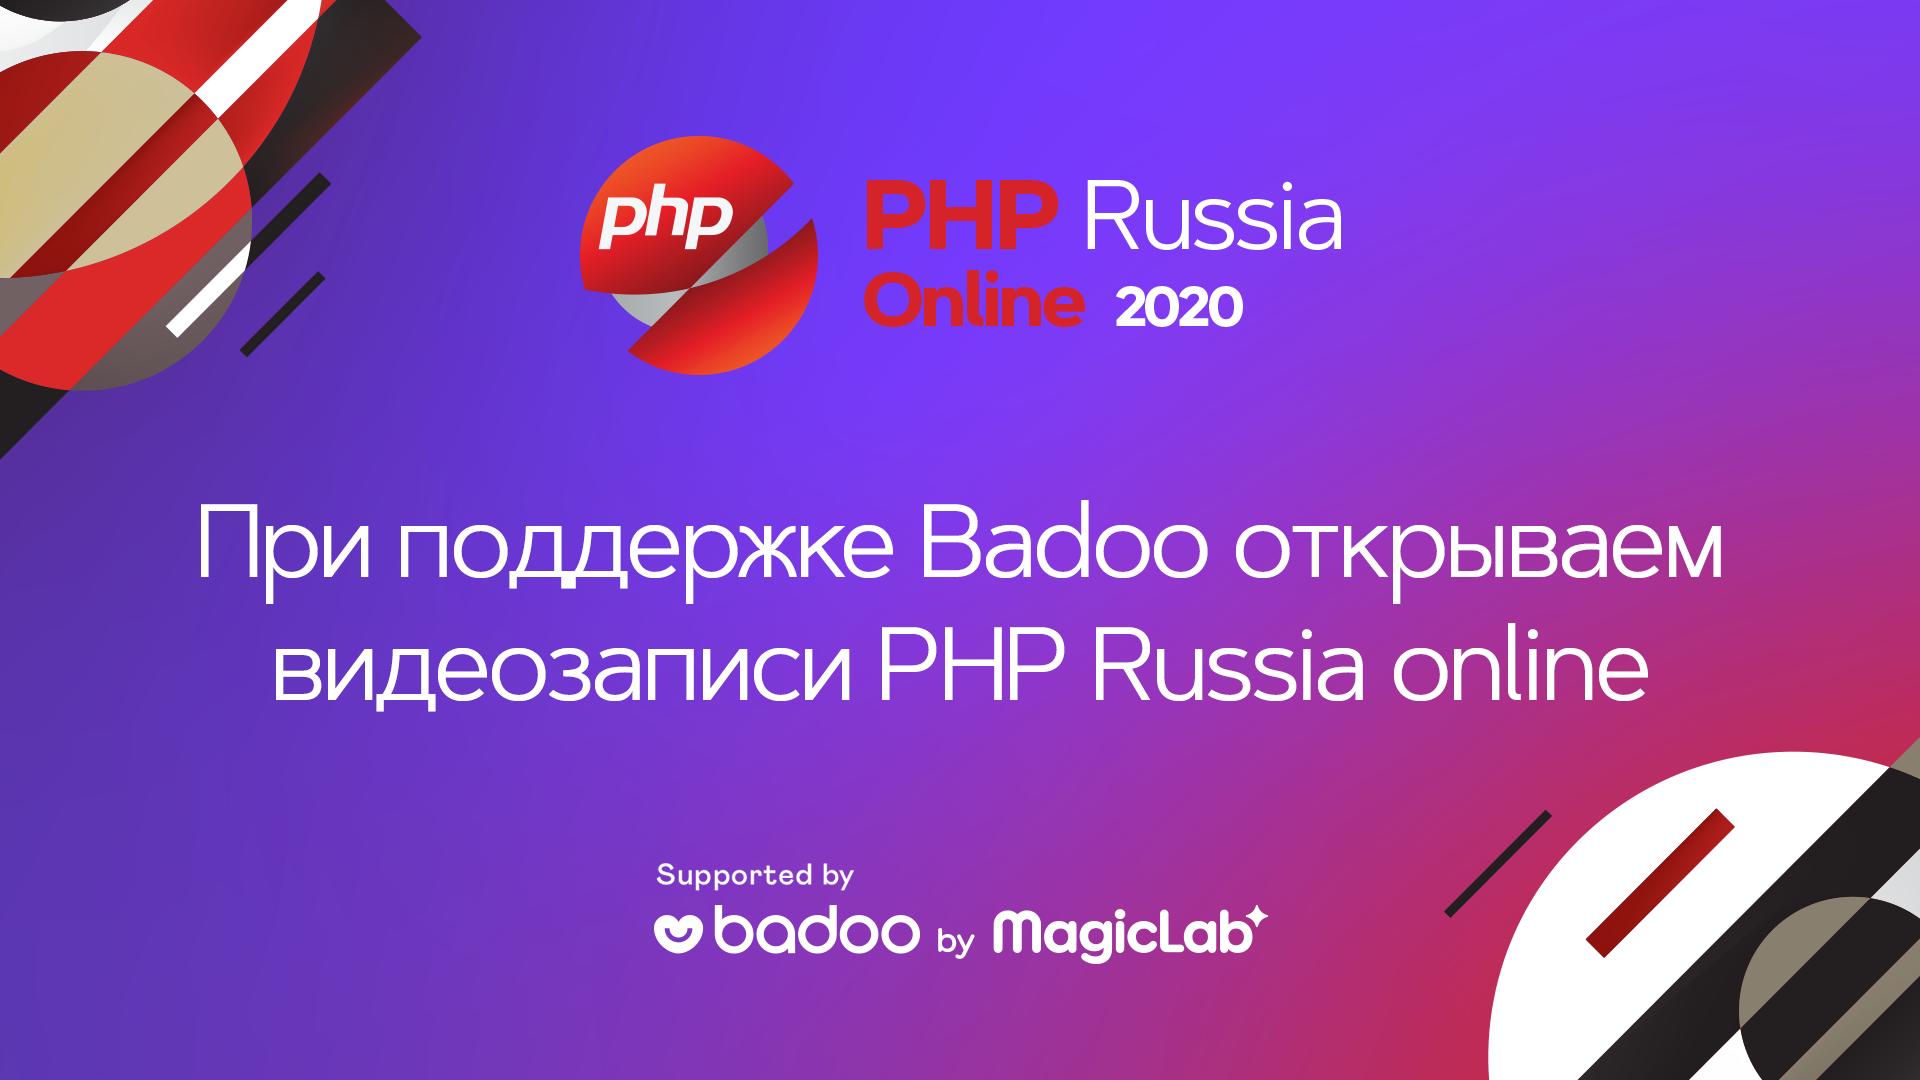 Видеозаписи всех докладов с PHP Russia 2020 Online - 1